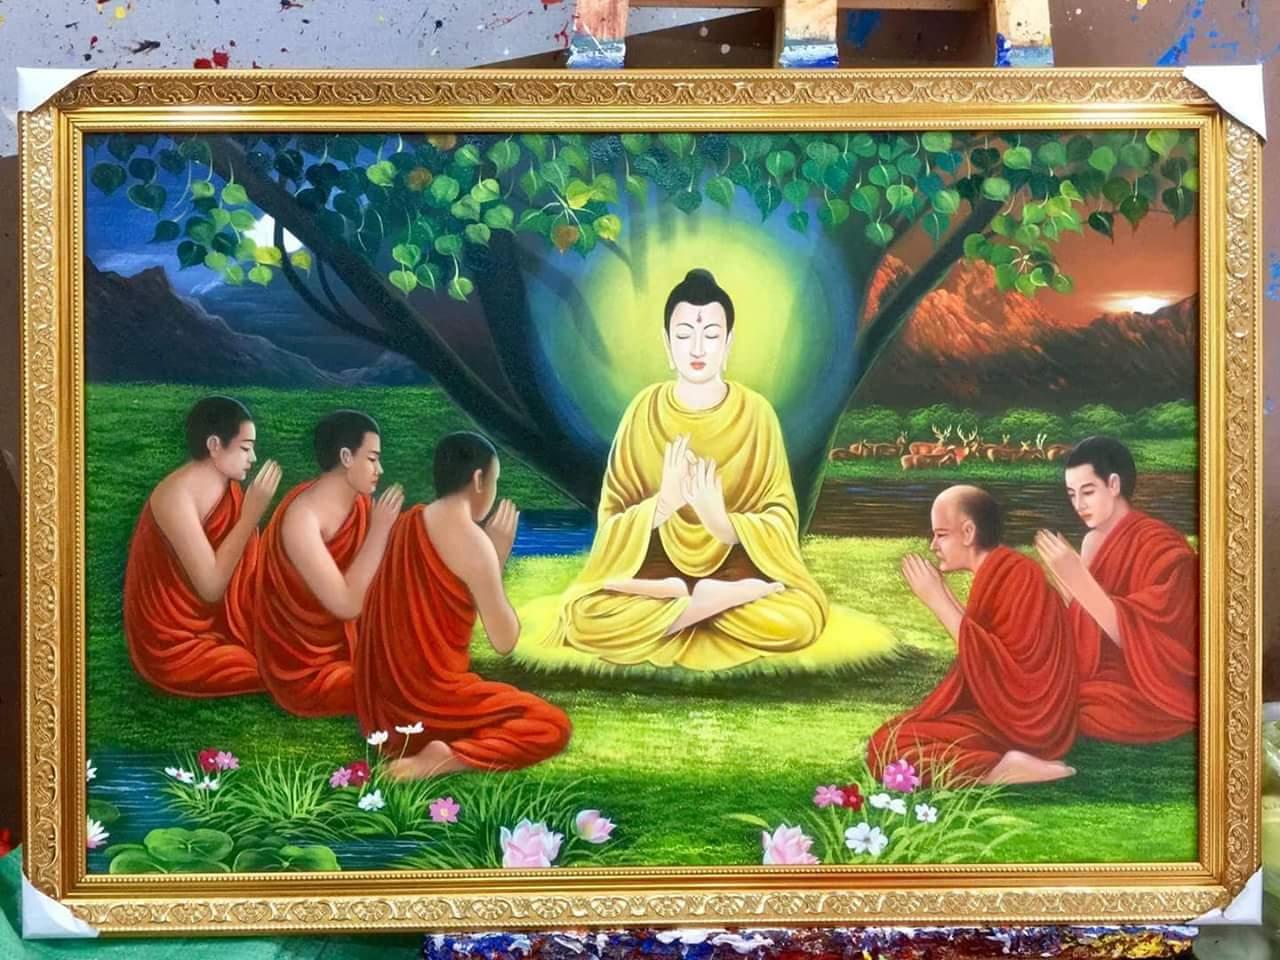 Tranh Đức Phật Thích Ca Mâu Ni thuyết bài kinh Dhammacakkappavattanasutta cho nhóm năm vị Kiều Trần Như